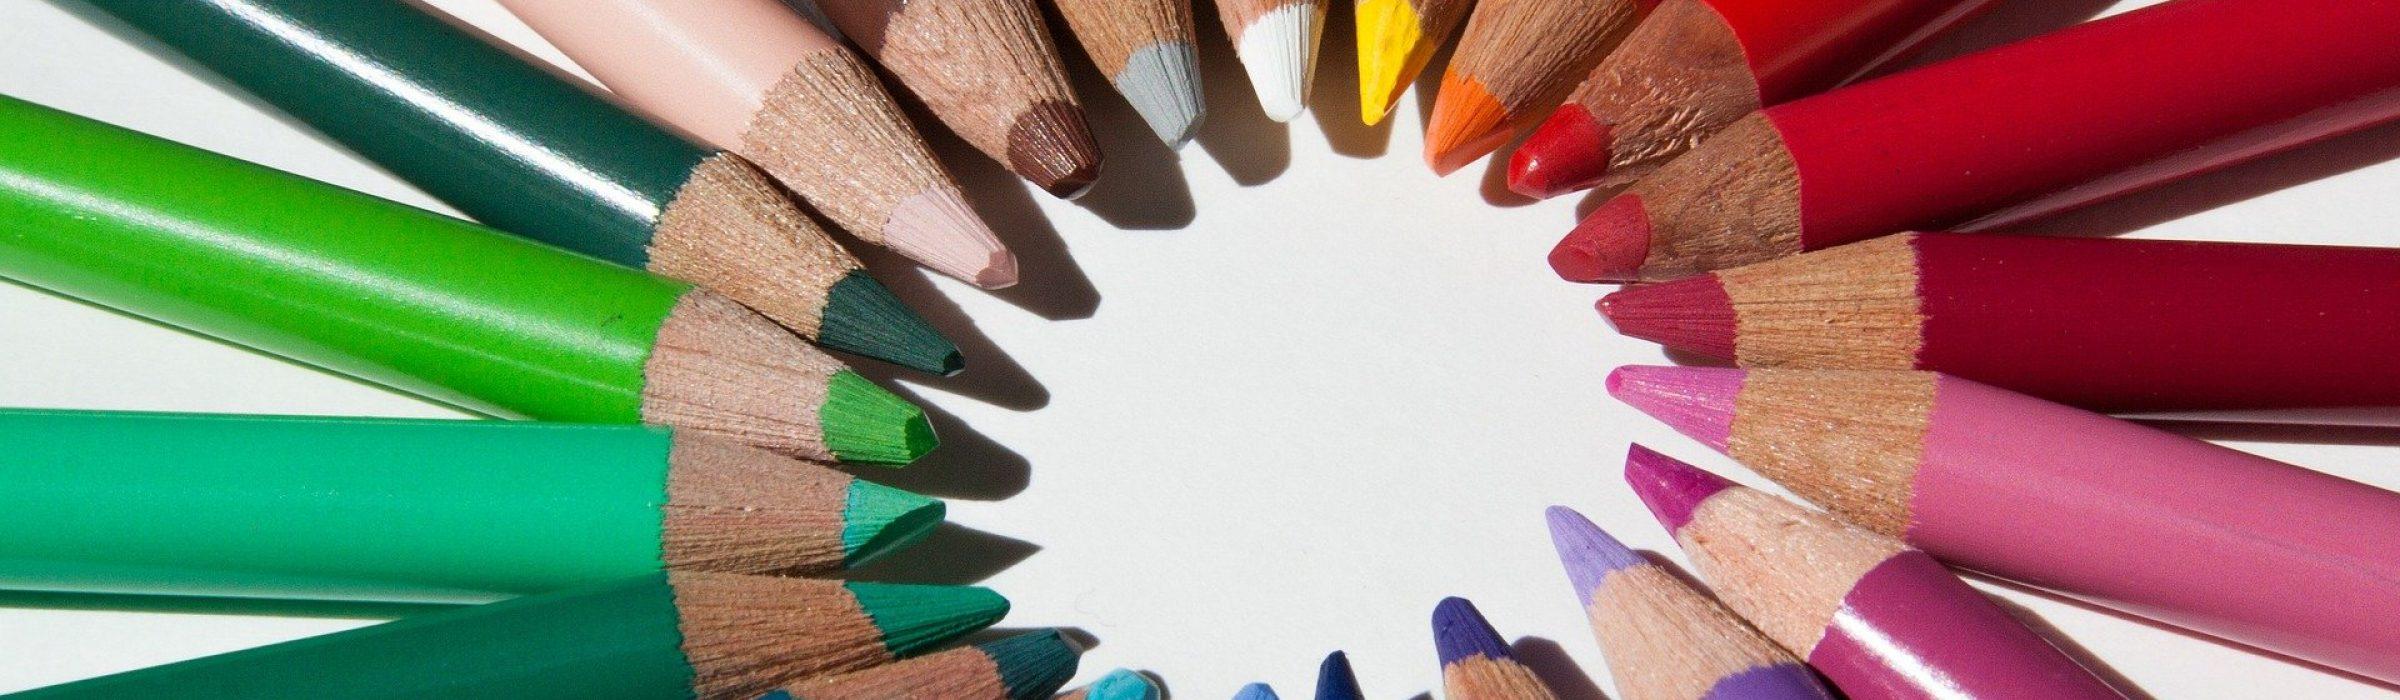 designwettbewerb_2021_smv_pixabay